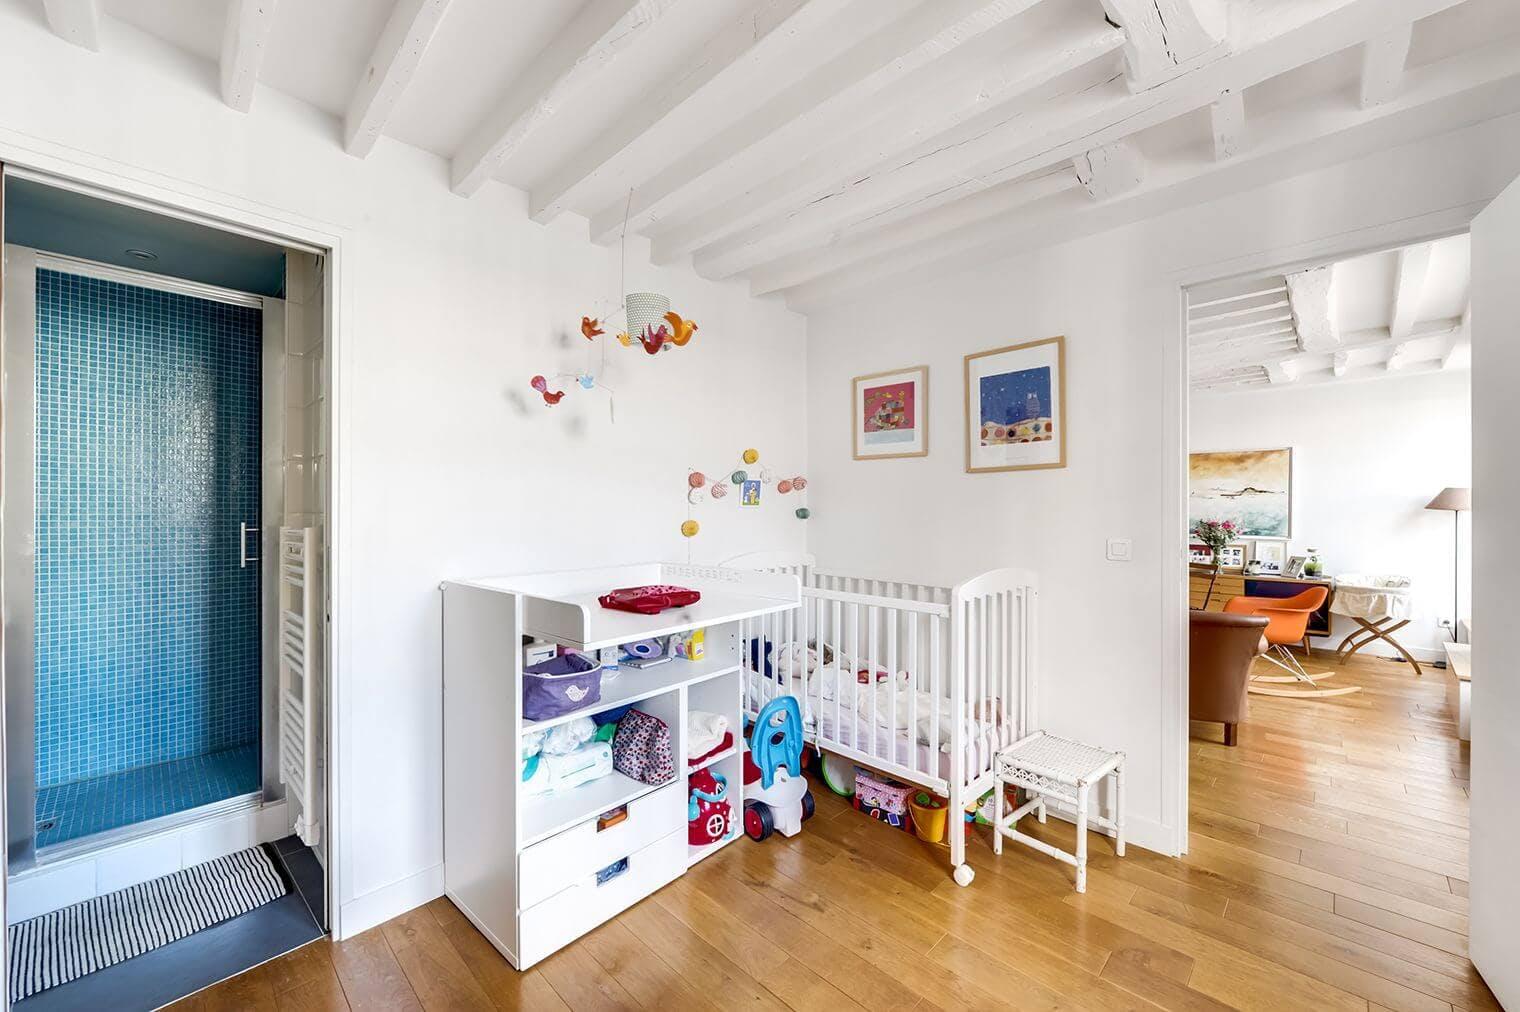 Rénovation complète d'un appartement ancien